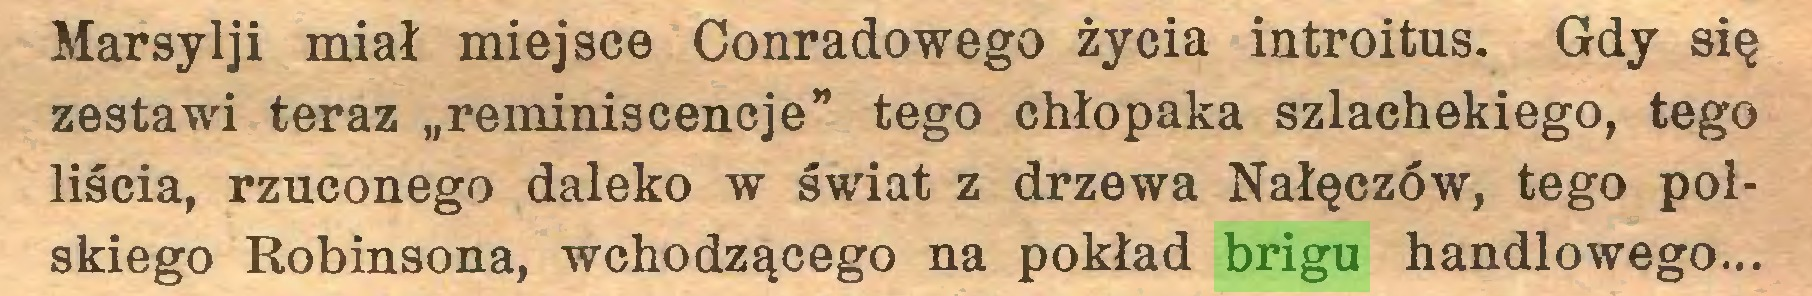 """(...) Marsylji miał miejsce Conradowego życia introitus. Gdy się zestawu teraz """"reminiscencje"""" tego chłopaka szlachekiego, tego liścia, rzuconego daleko w świat z drzewa Nałęczów, tego polskiego Robinsona, wchodzącego na pokład brigu handlowego..."""